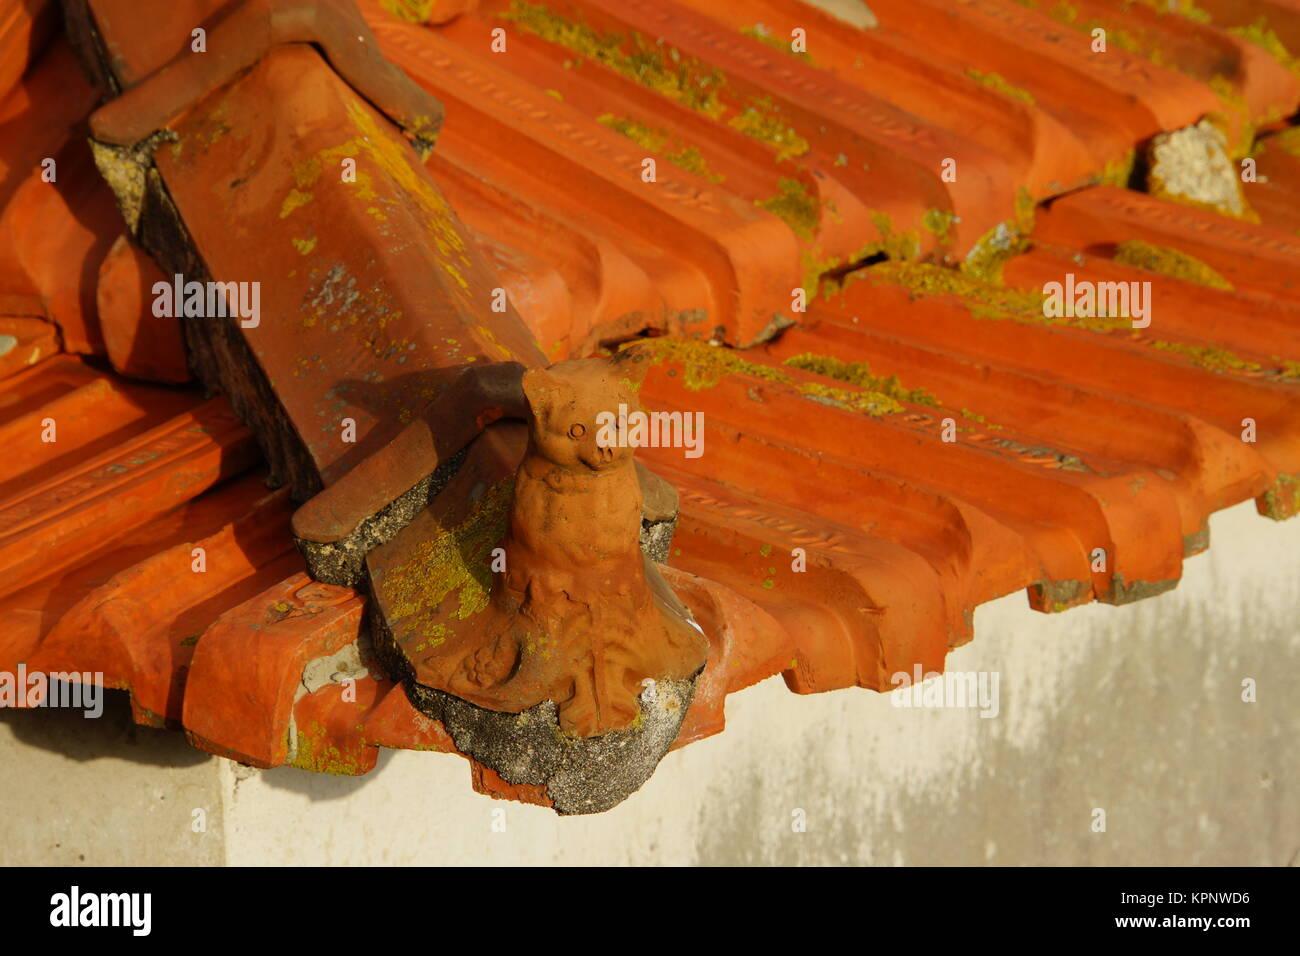 canico madeira stock photos canico madeira stock images. Black Bedroom Furniture Sets. Home Design Ideas